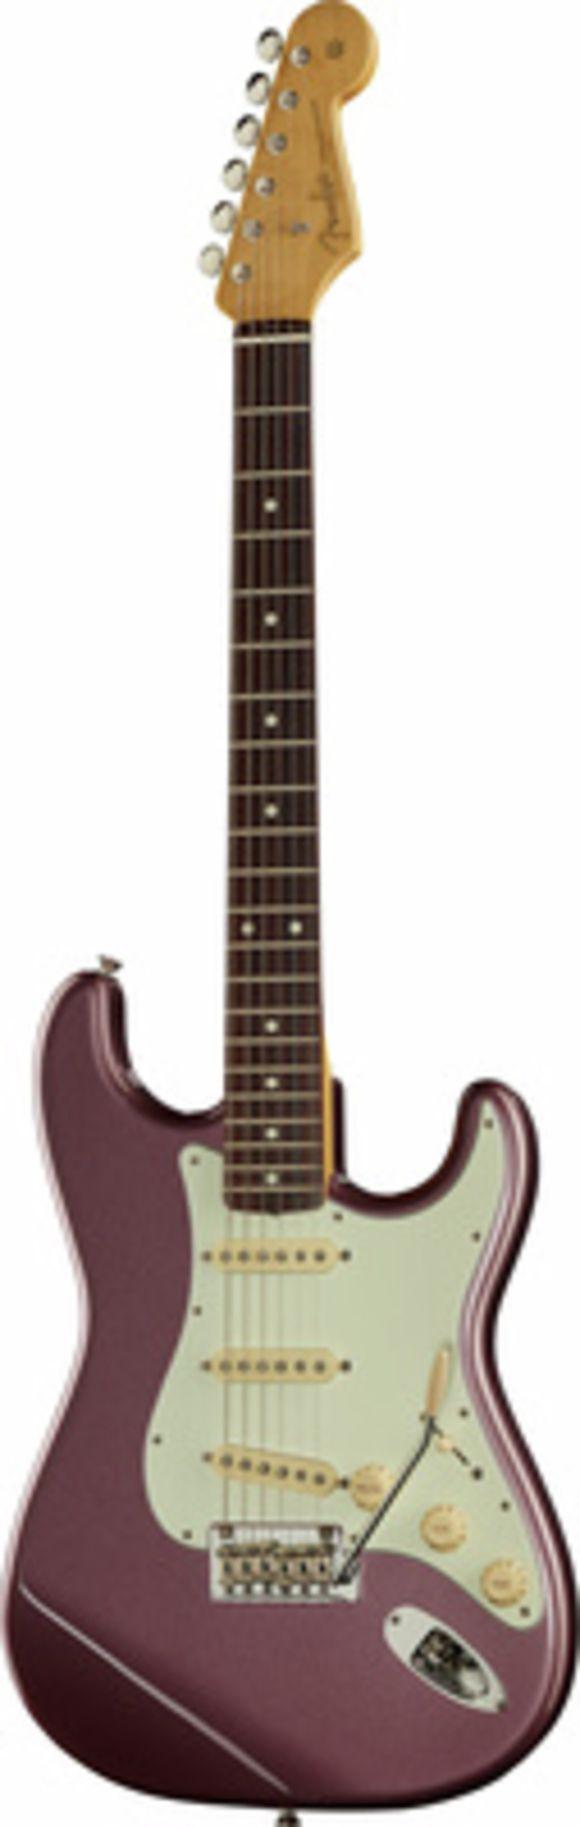 Hybrid 60s Strat Burgundy Fender